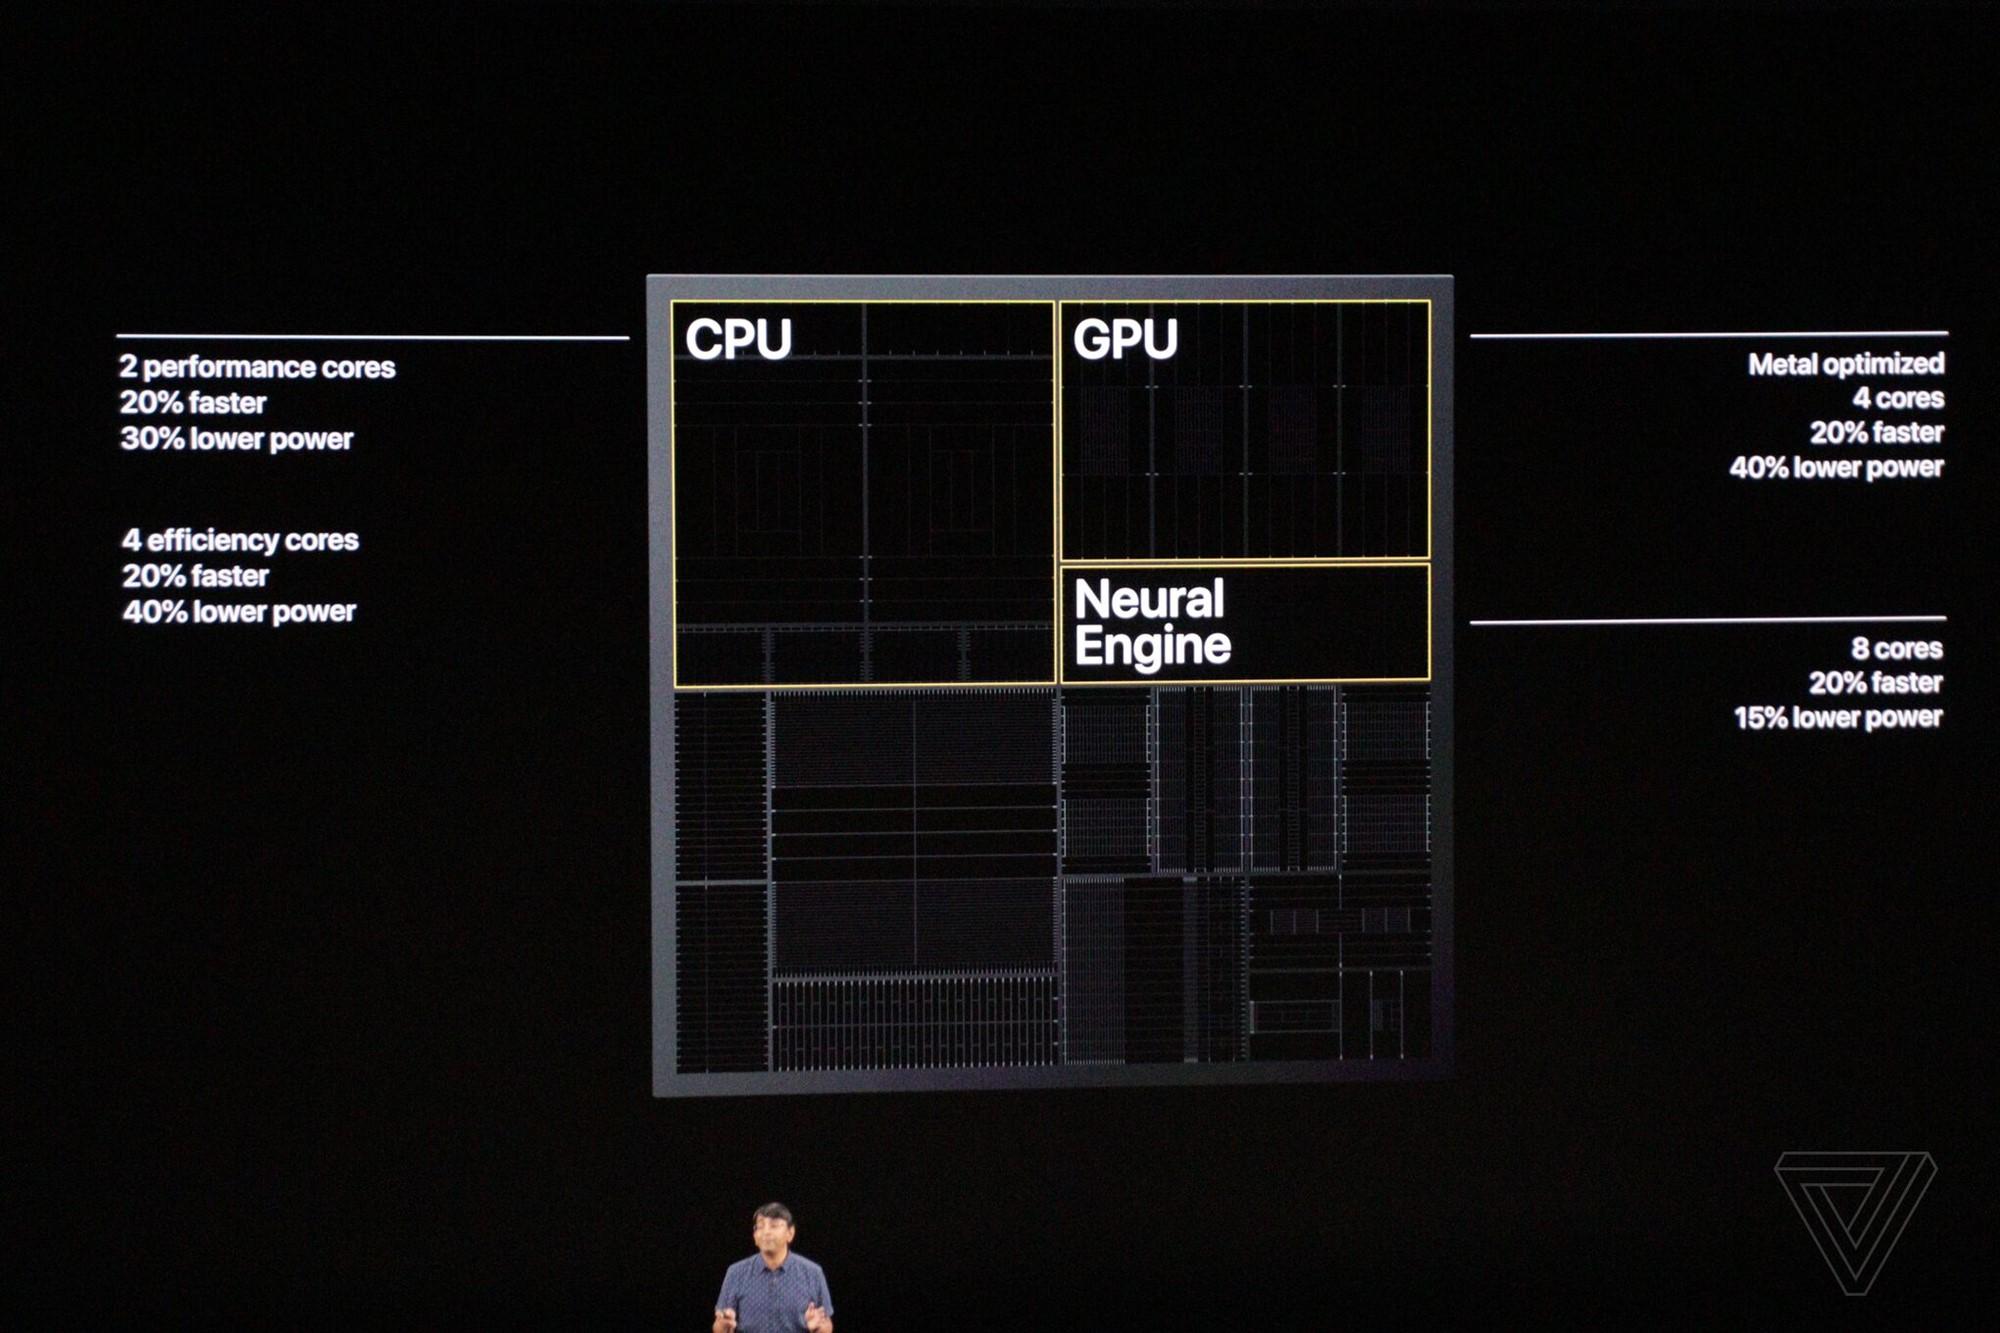 lcimg-41163ec8-625d-40ab-83d7-c16a49949fa4 Sự kiện công bố Apple iPhone 11 mới: Camera góc siêu rộng 120 độ, pin lớn hơn tới 5h so với iPhone XR, giá chỉ từ 699$